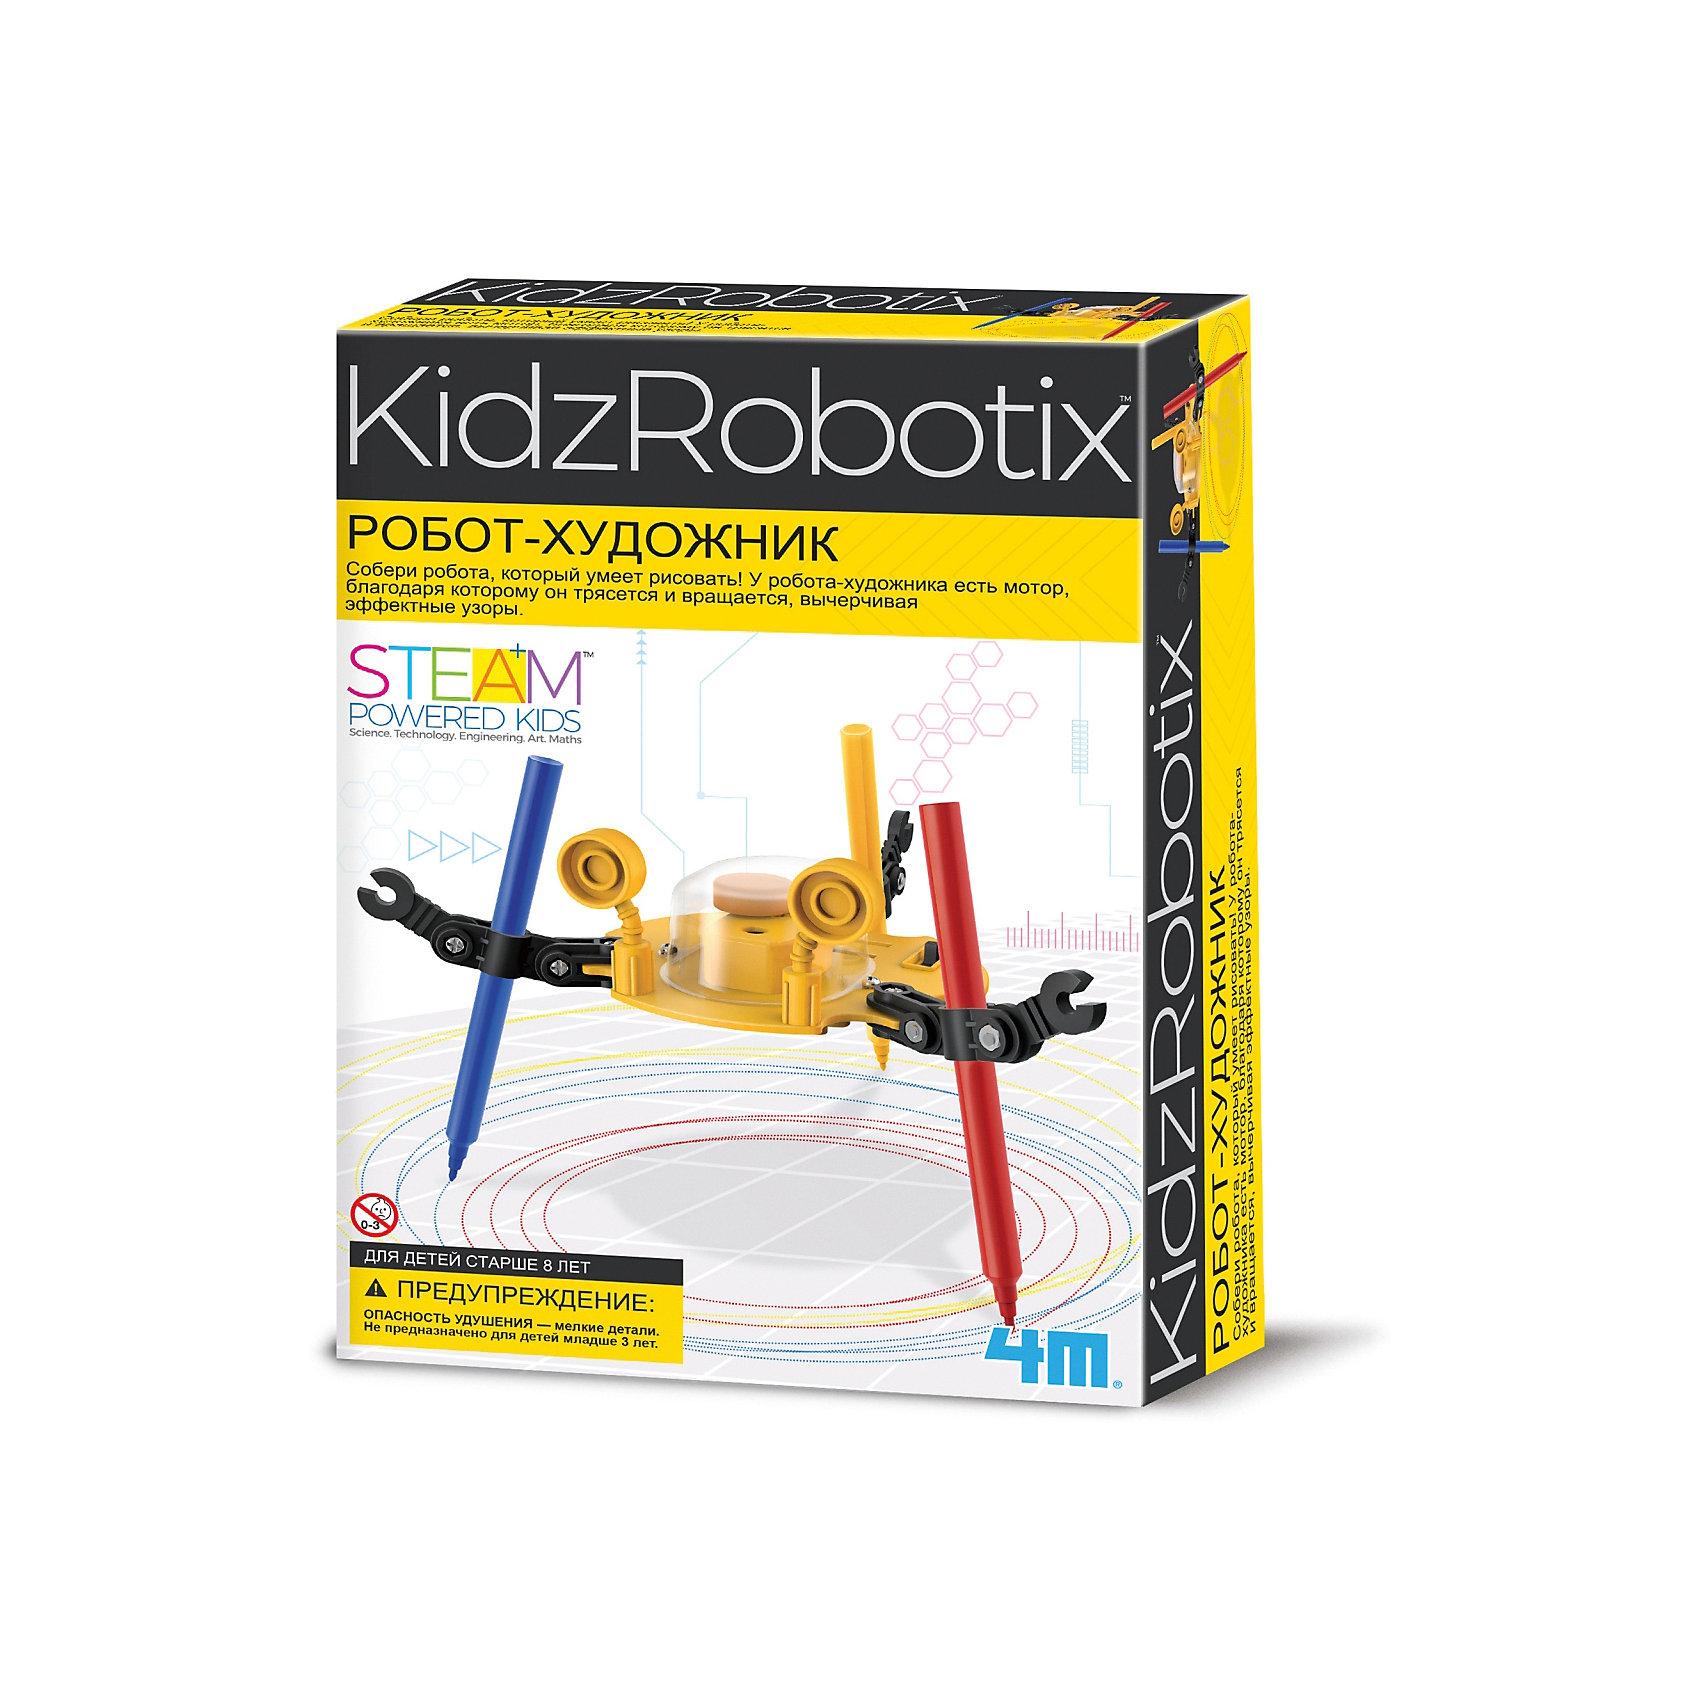 4M 00-03280 Робот художникРоботы<br>Собери робота, который умеет рисовать! У робота-художника есть мотор, благодаря которому он трясется и вращается, вычерчивая эффектные узоры. Вынь фломастеры и теперь это классный виброробот, который скользит по гладкой поверхности.<br><br>Ширина мм: 235<br>Глубина мм: 135<br>Высота мм: 65<br>Вес г: 200<br>Возраст от месяцев: 96<br>Возраст до месяцев: 192<br>Пол: Унисекс<br>Возраст: Детский<br>SKU: 2568339